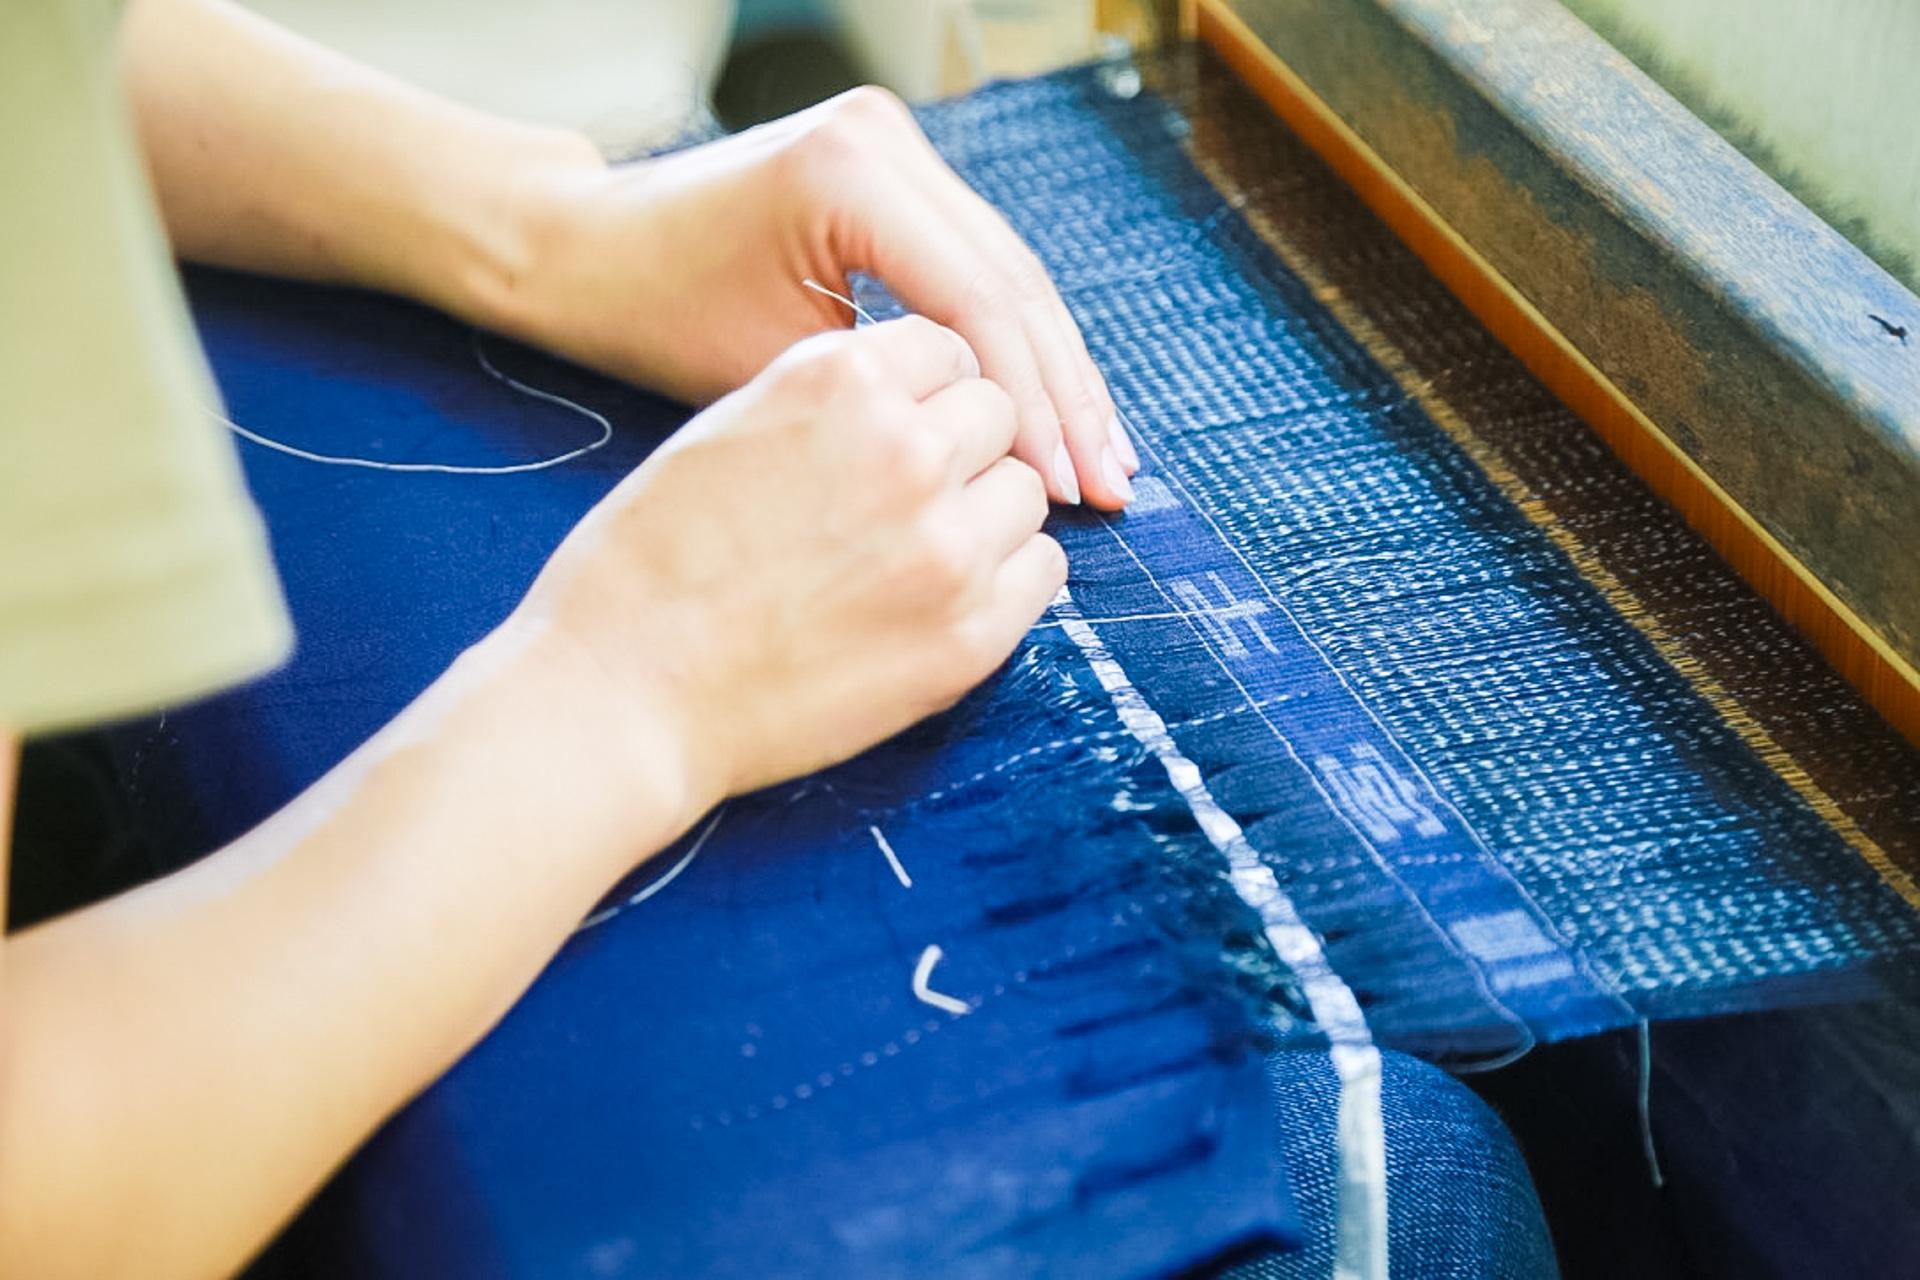 受け継がれていく宮古上布の技術と想い